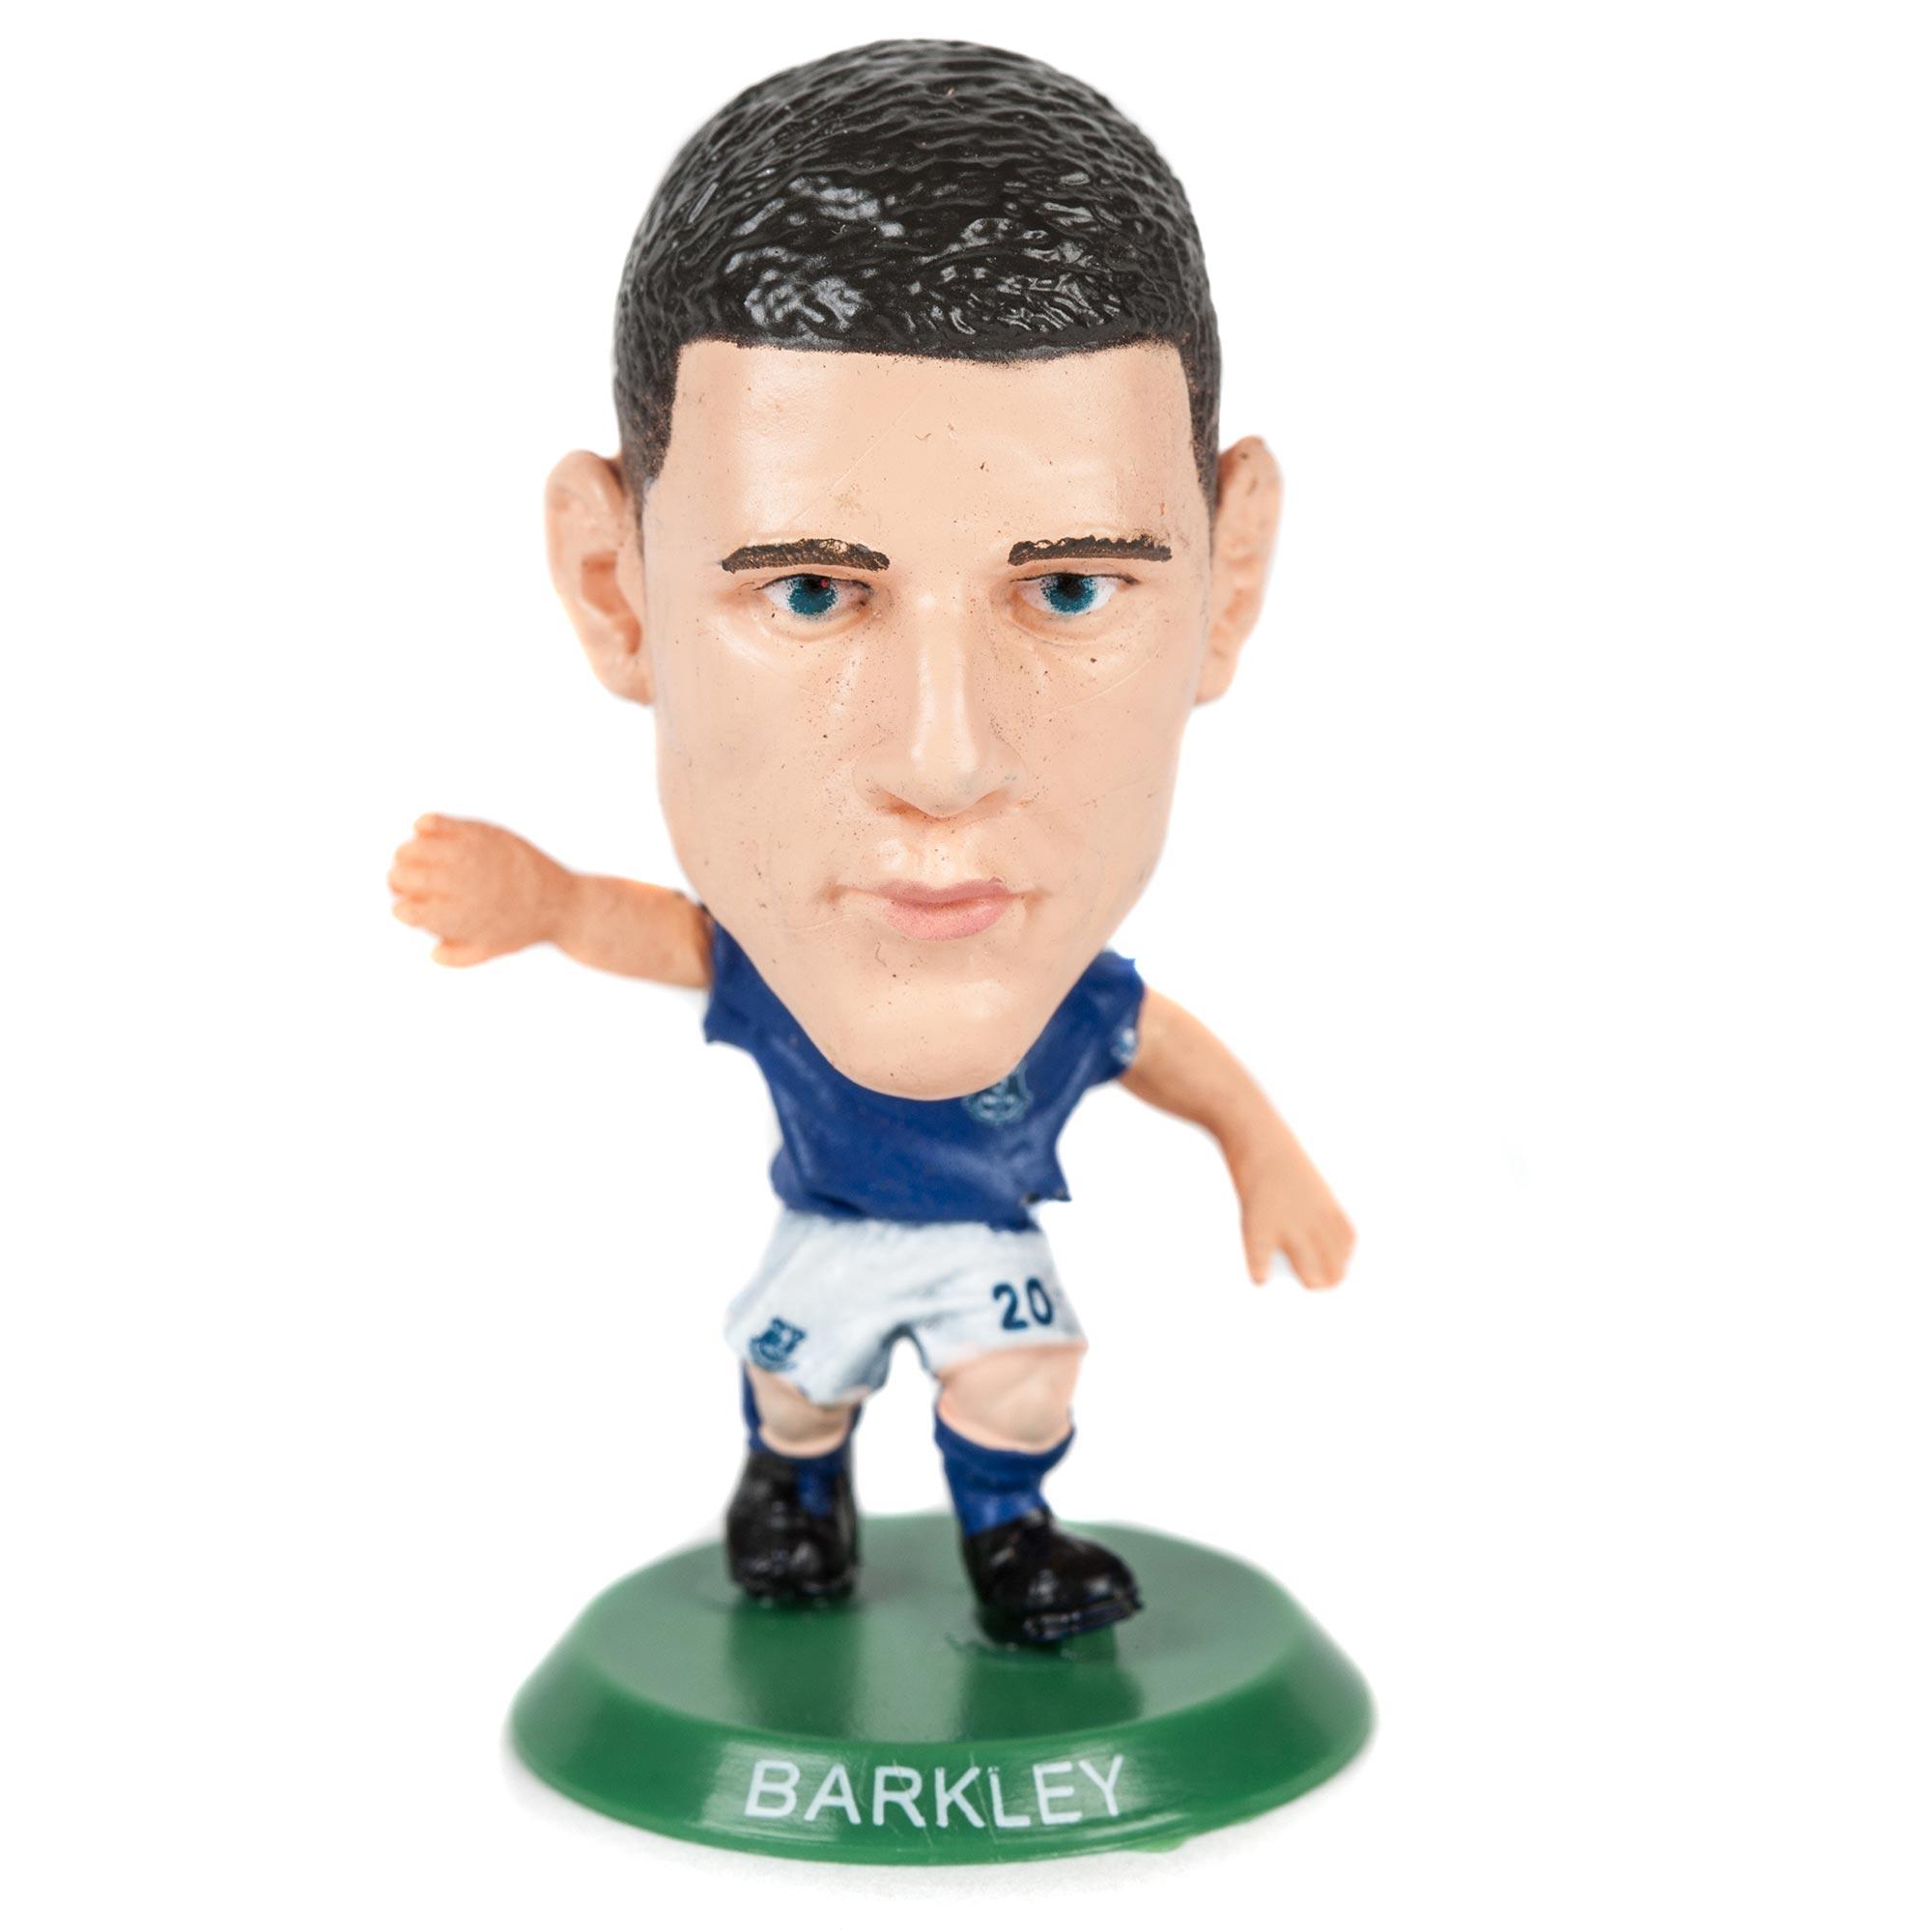 Everton Barkley SoccerStarz